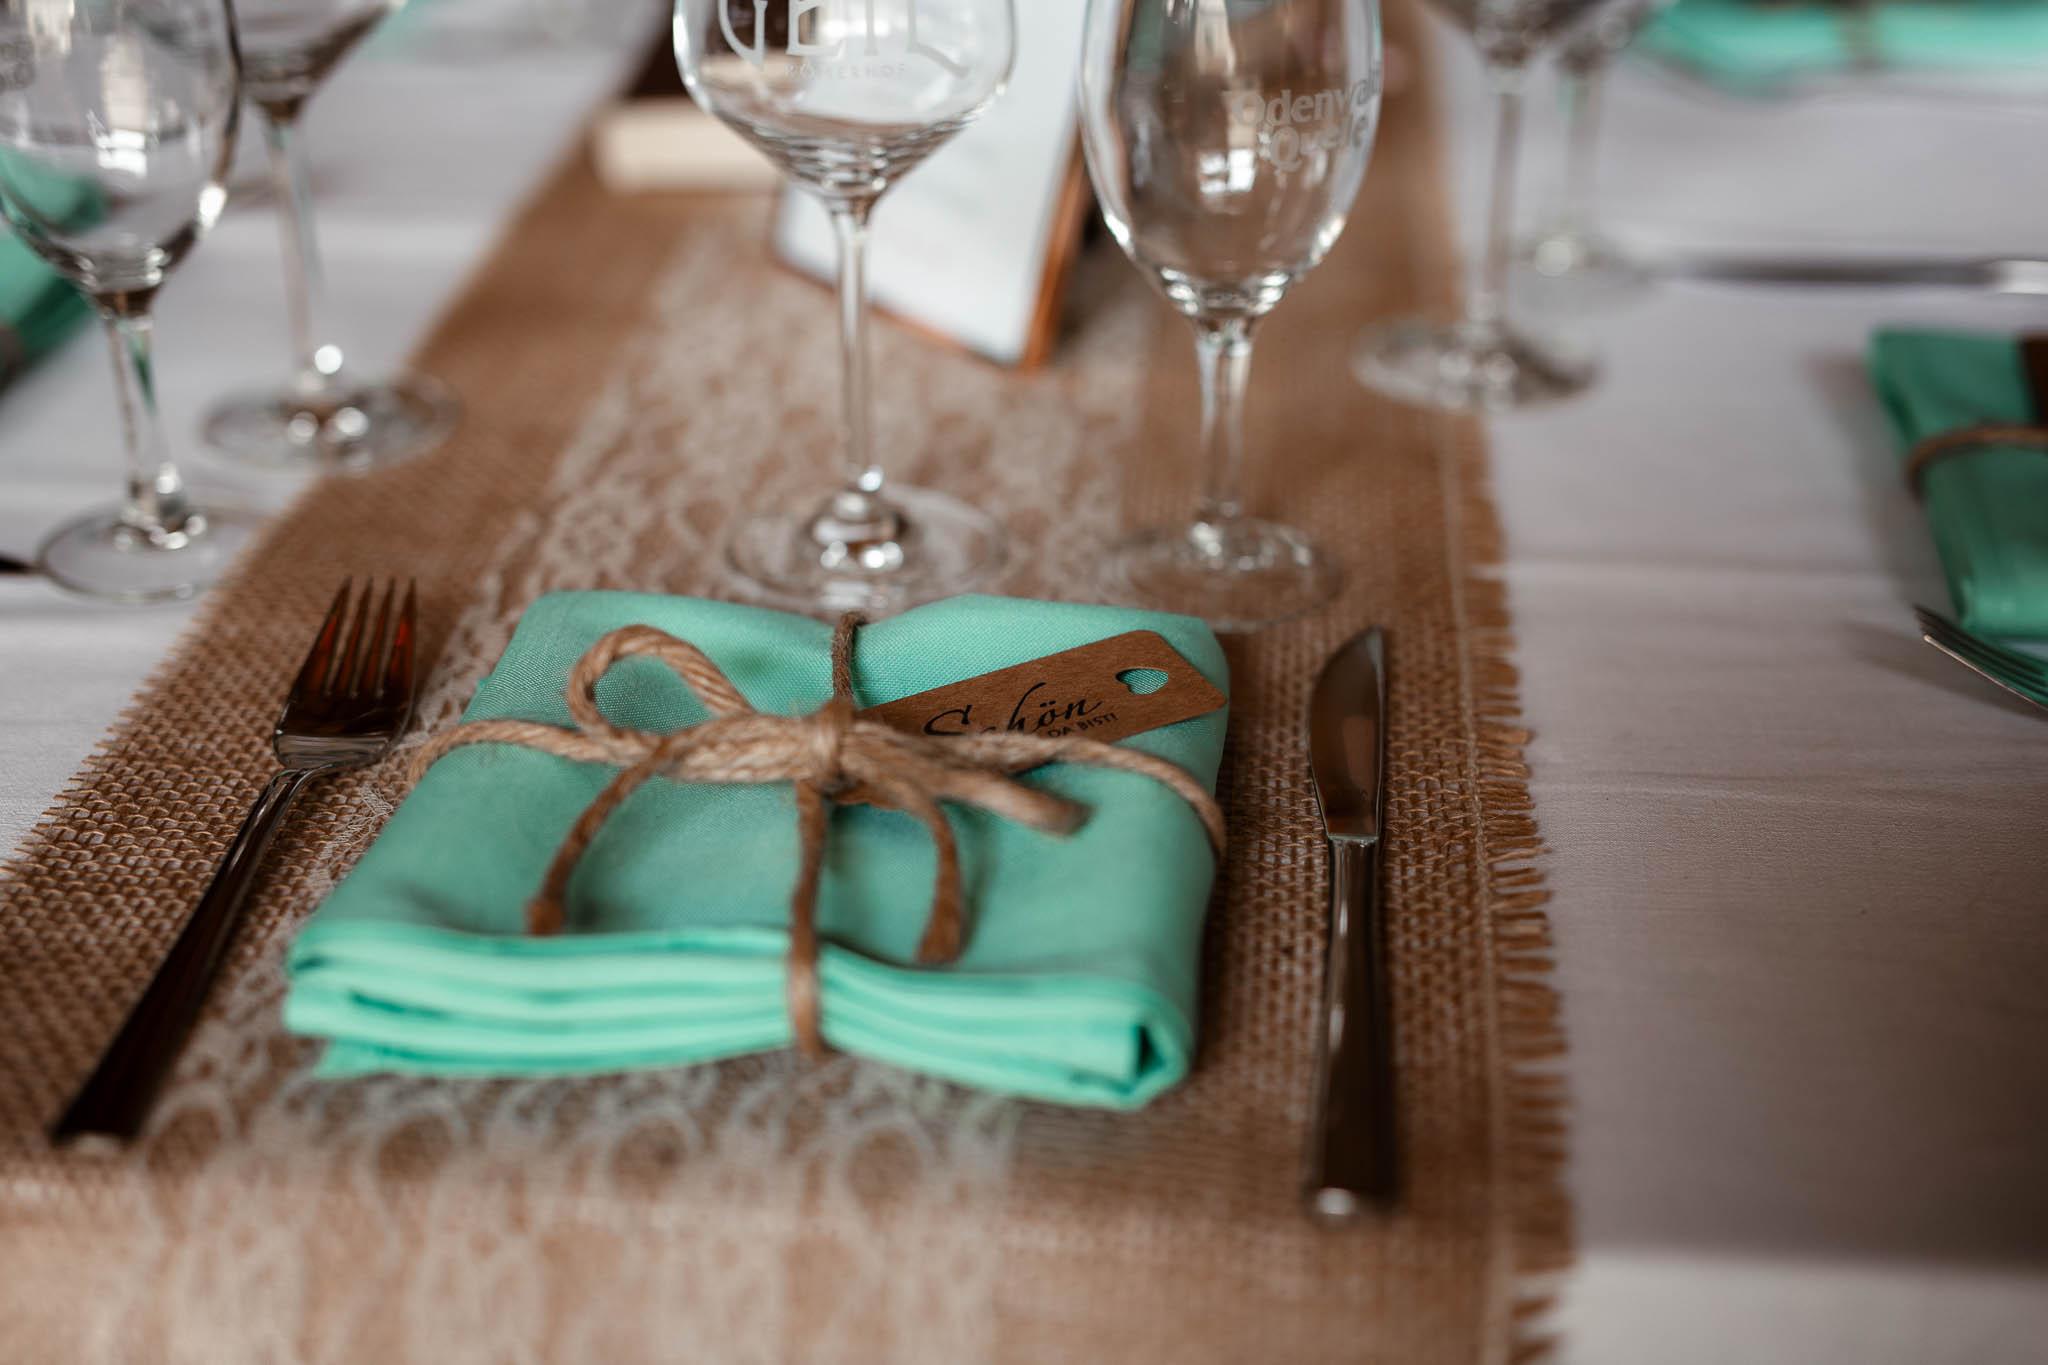 Hochzeitsfotograf Monzernheim: freie Trauung von Sarah & Patrick 5